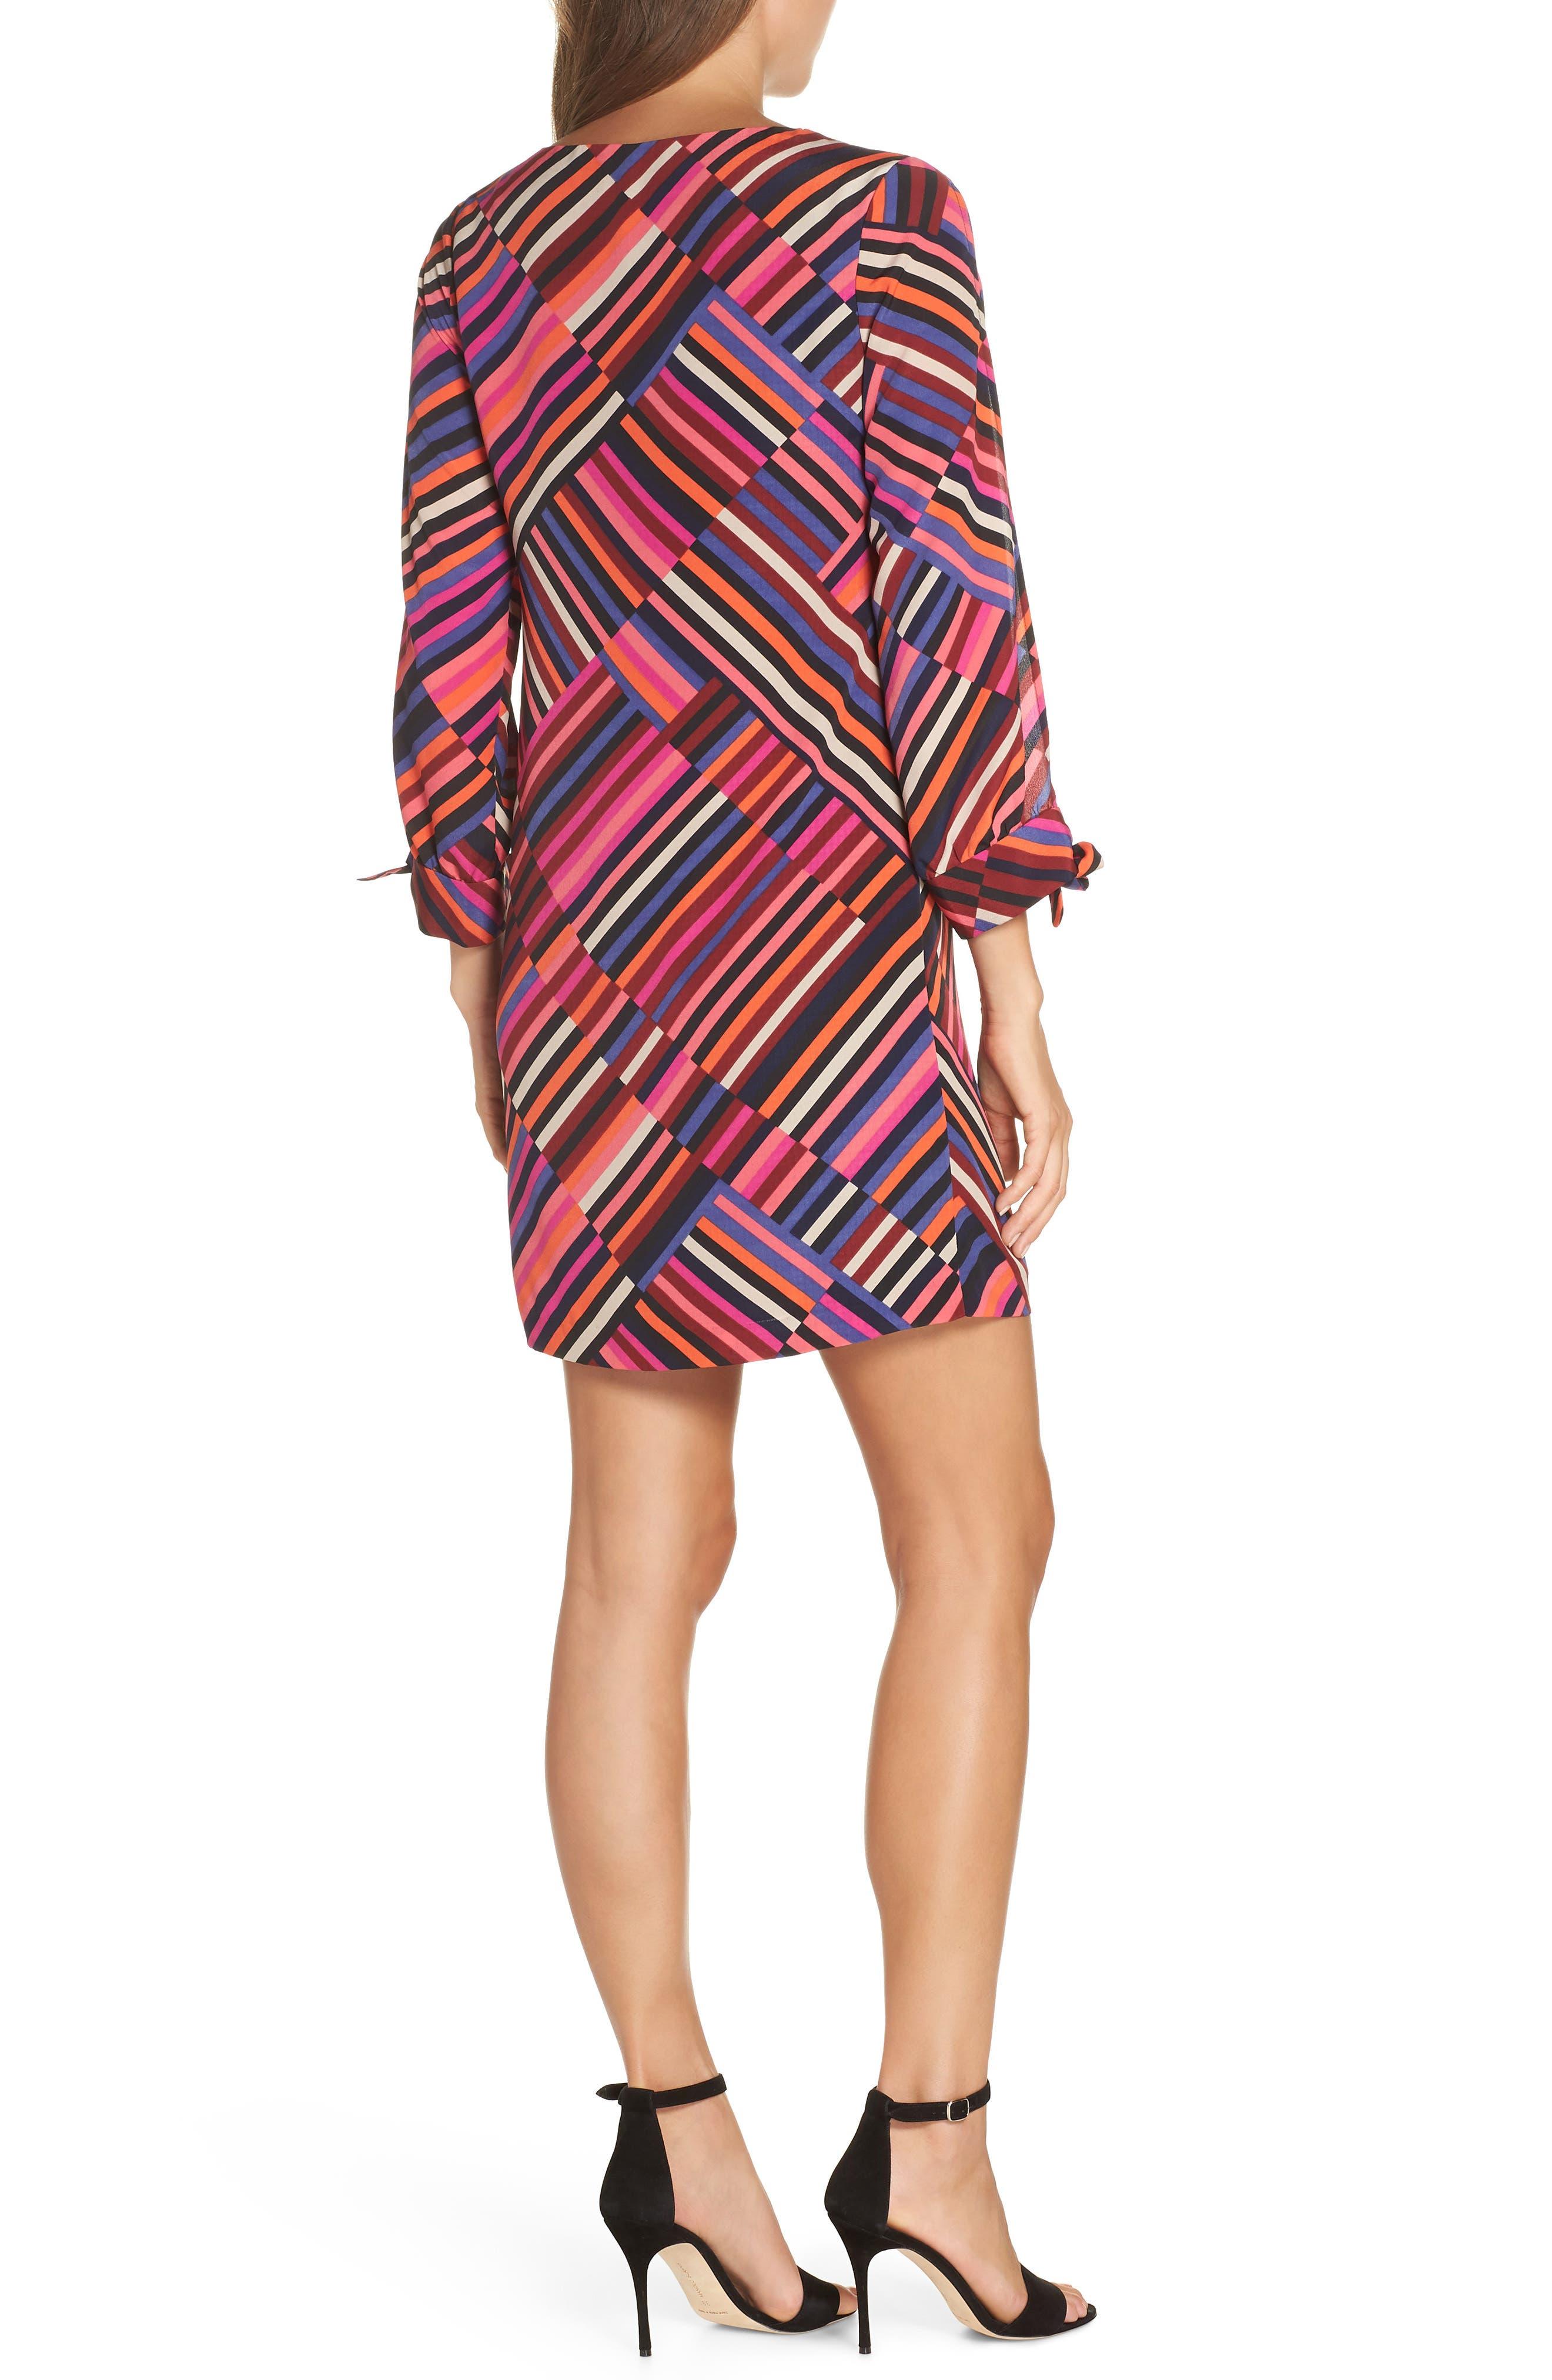 Jaxon Chiffon Dress,                             Alternate thumbnail 2, color,                             MULTI